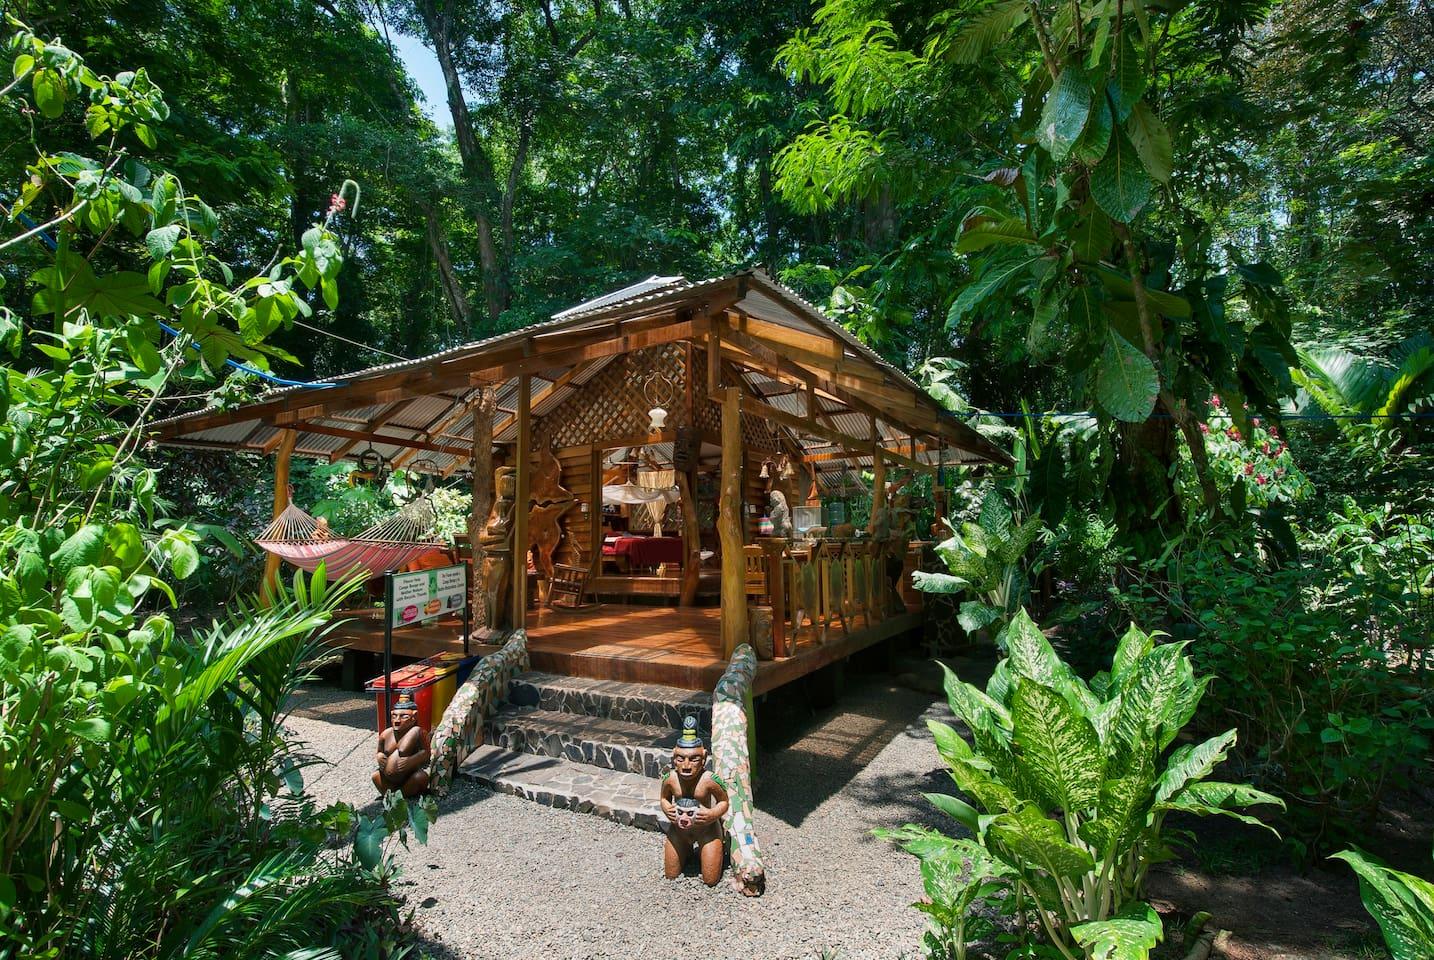 บ้านไม้รีสอร์ทหลังเล็ก ทำยกพื้นมีพื้นที่ขนาด 74 ตารางเมตร ผนังเปิดโล่ง รับบรรยากาศป่าธรรมชาติ มีระเบียงไม้